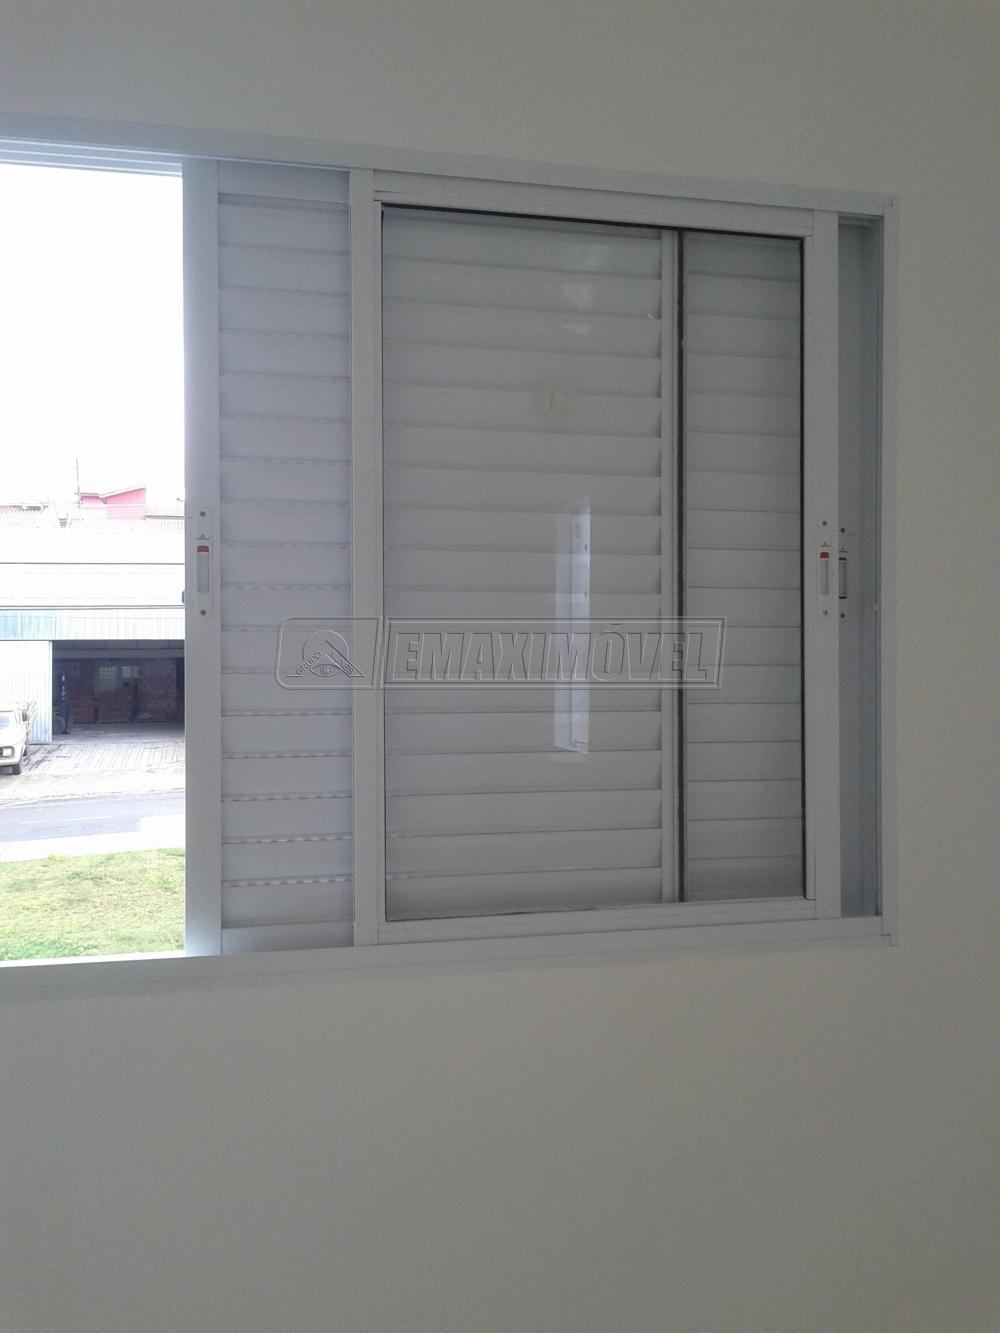 Comprar Apartamentos / Apto Padrão em Sorocaba R$ 135.000,00 - Foto 10